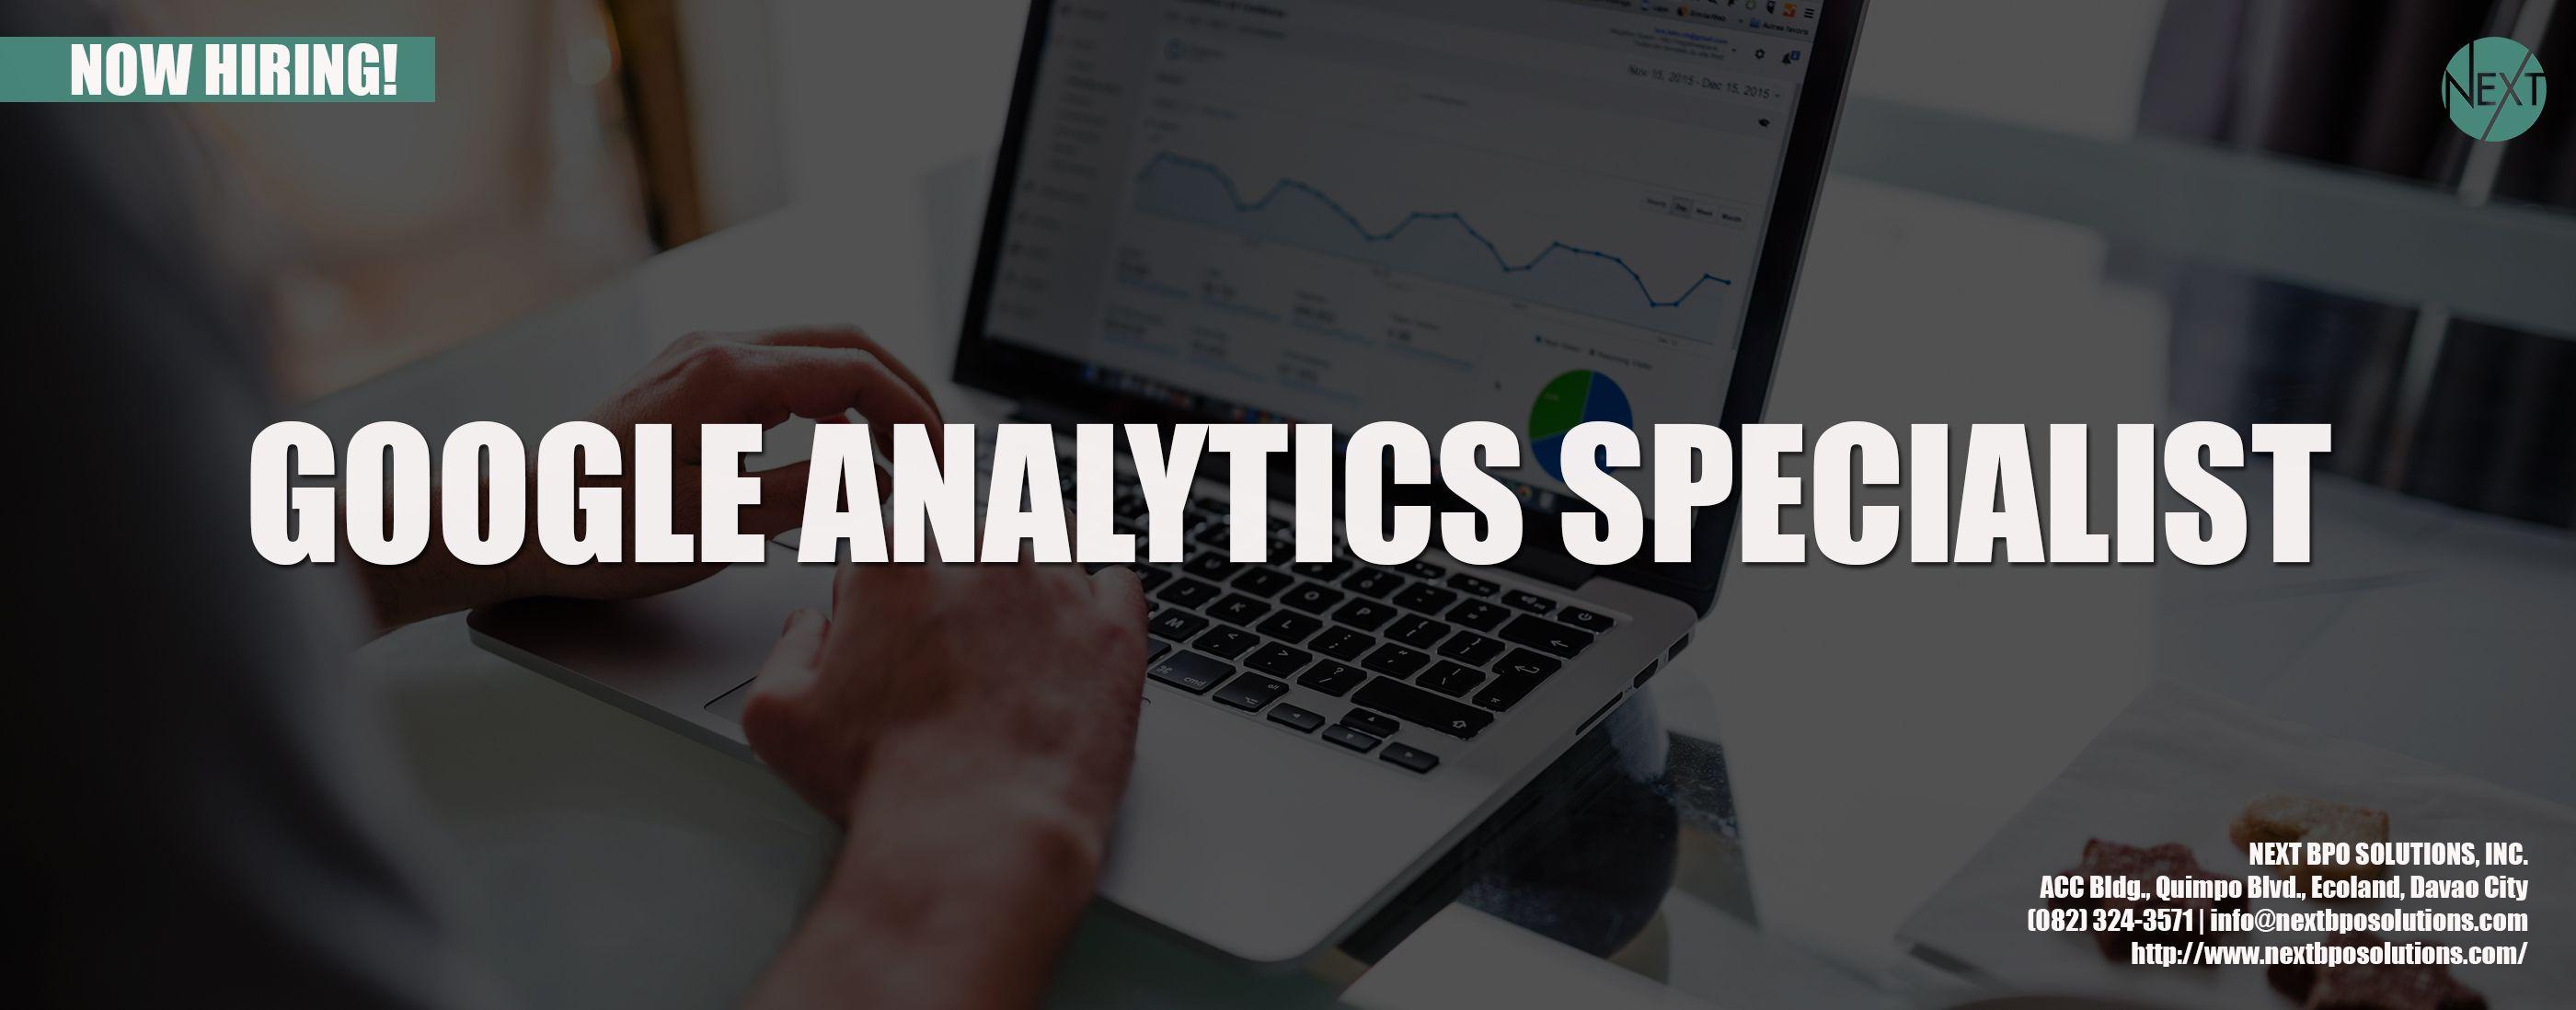 Google Analytics Philippines Pin by NEXT BPO